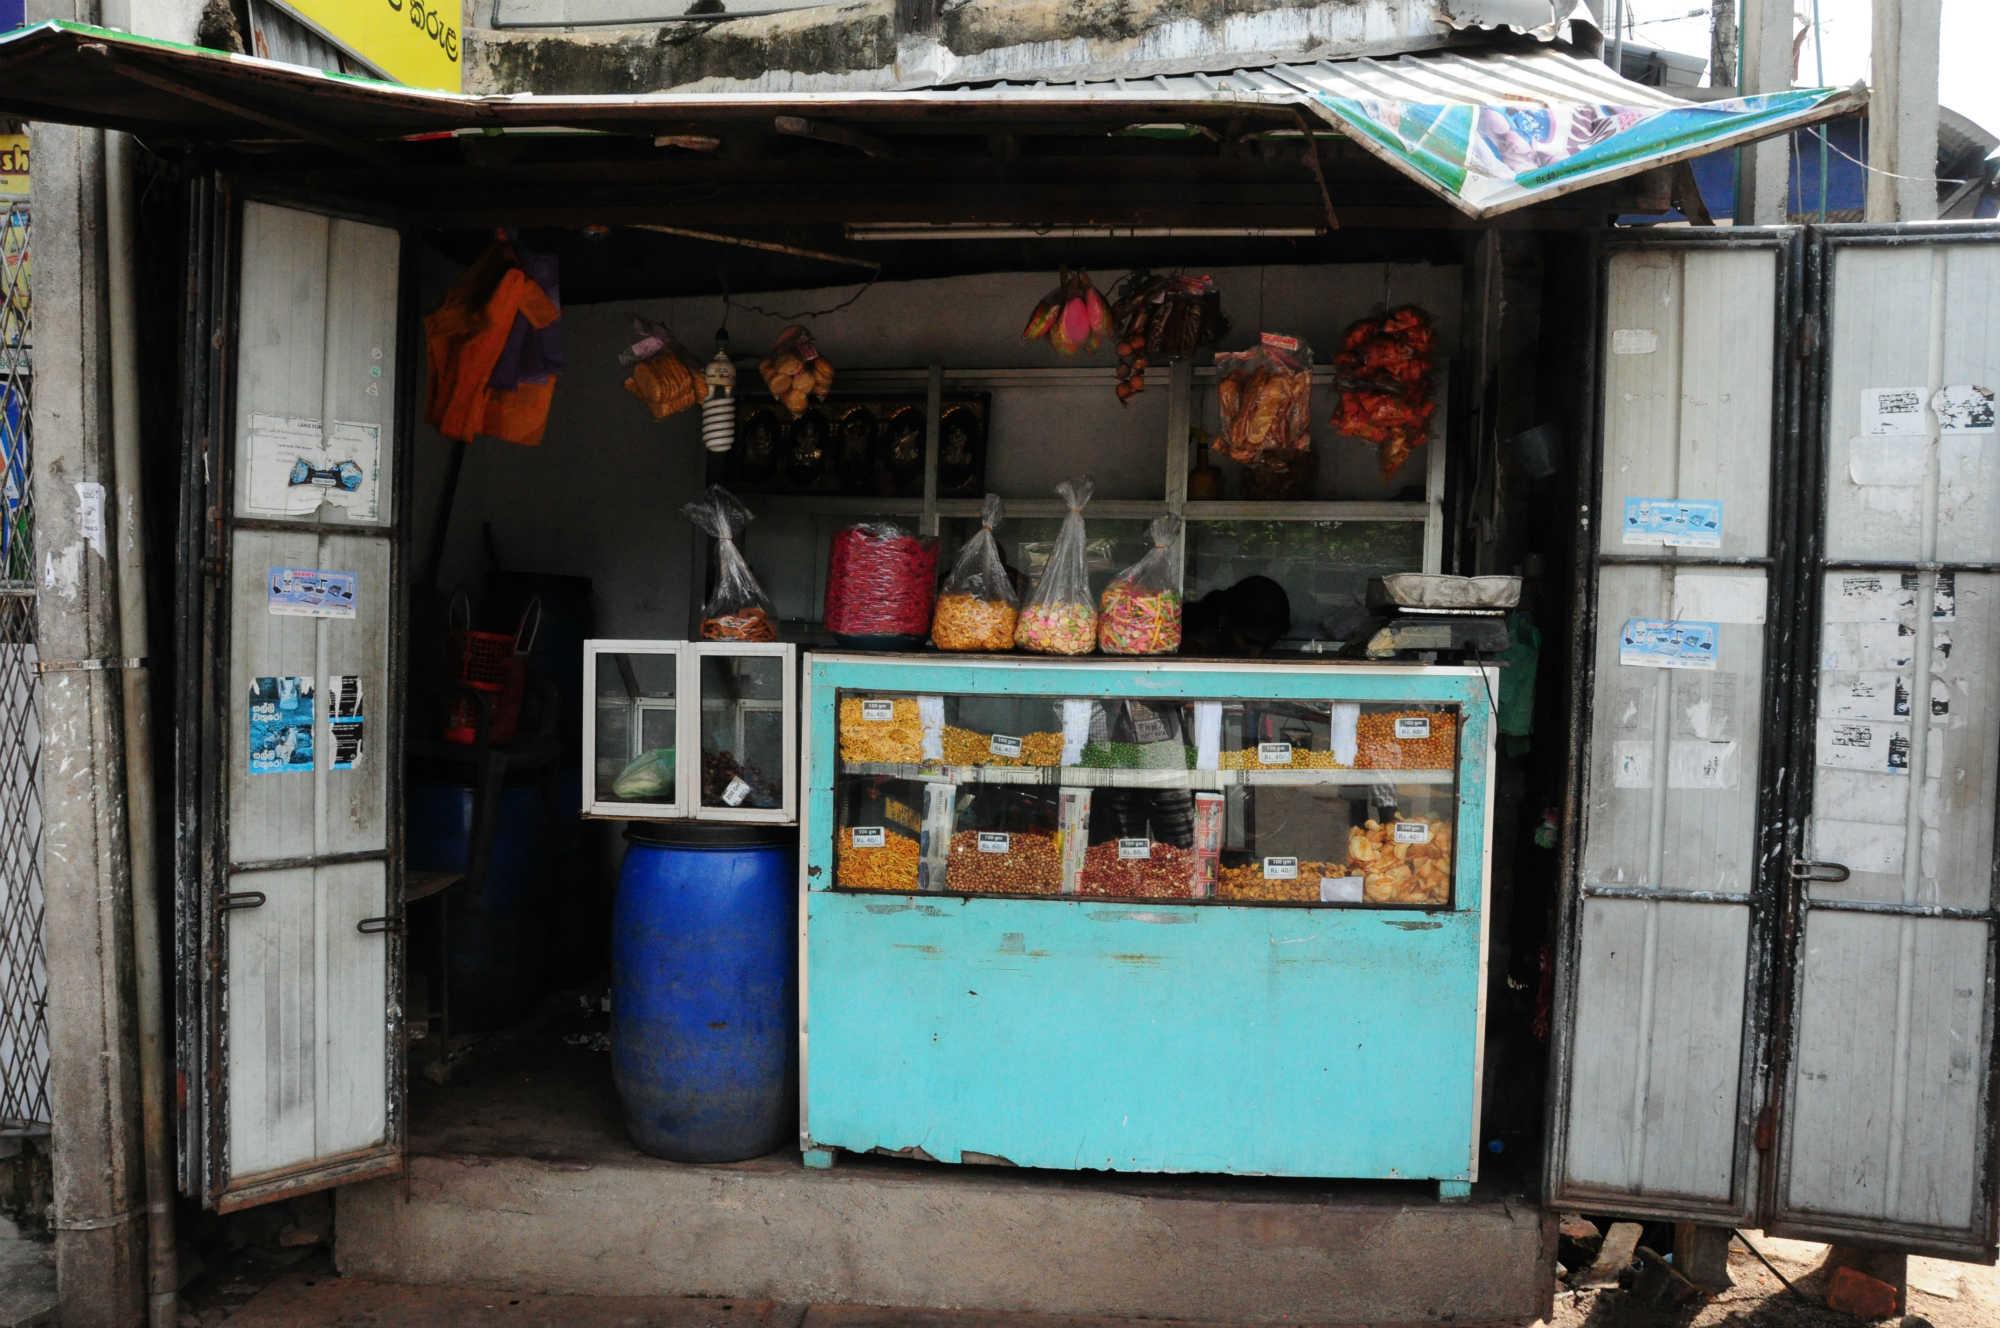 ネゴンボ市内画像